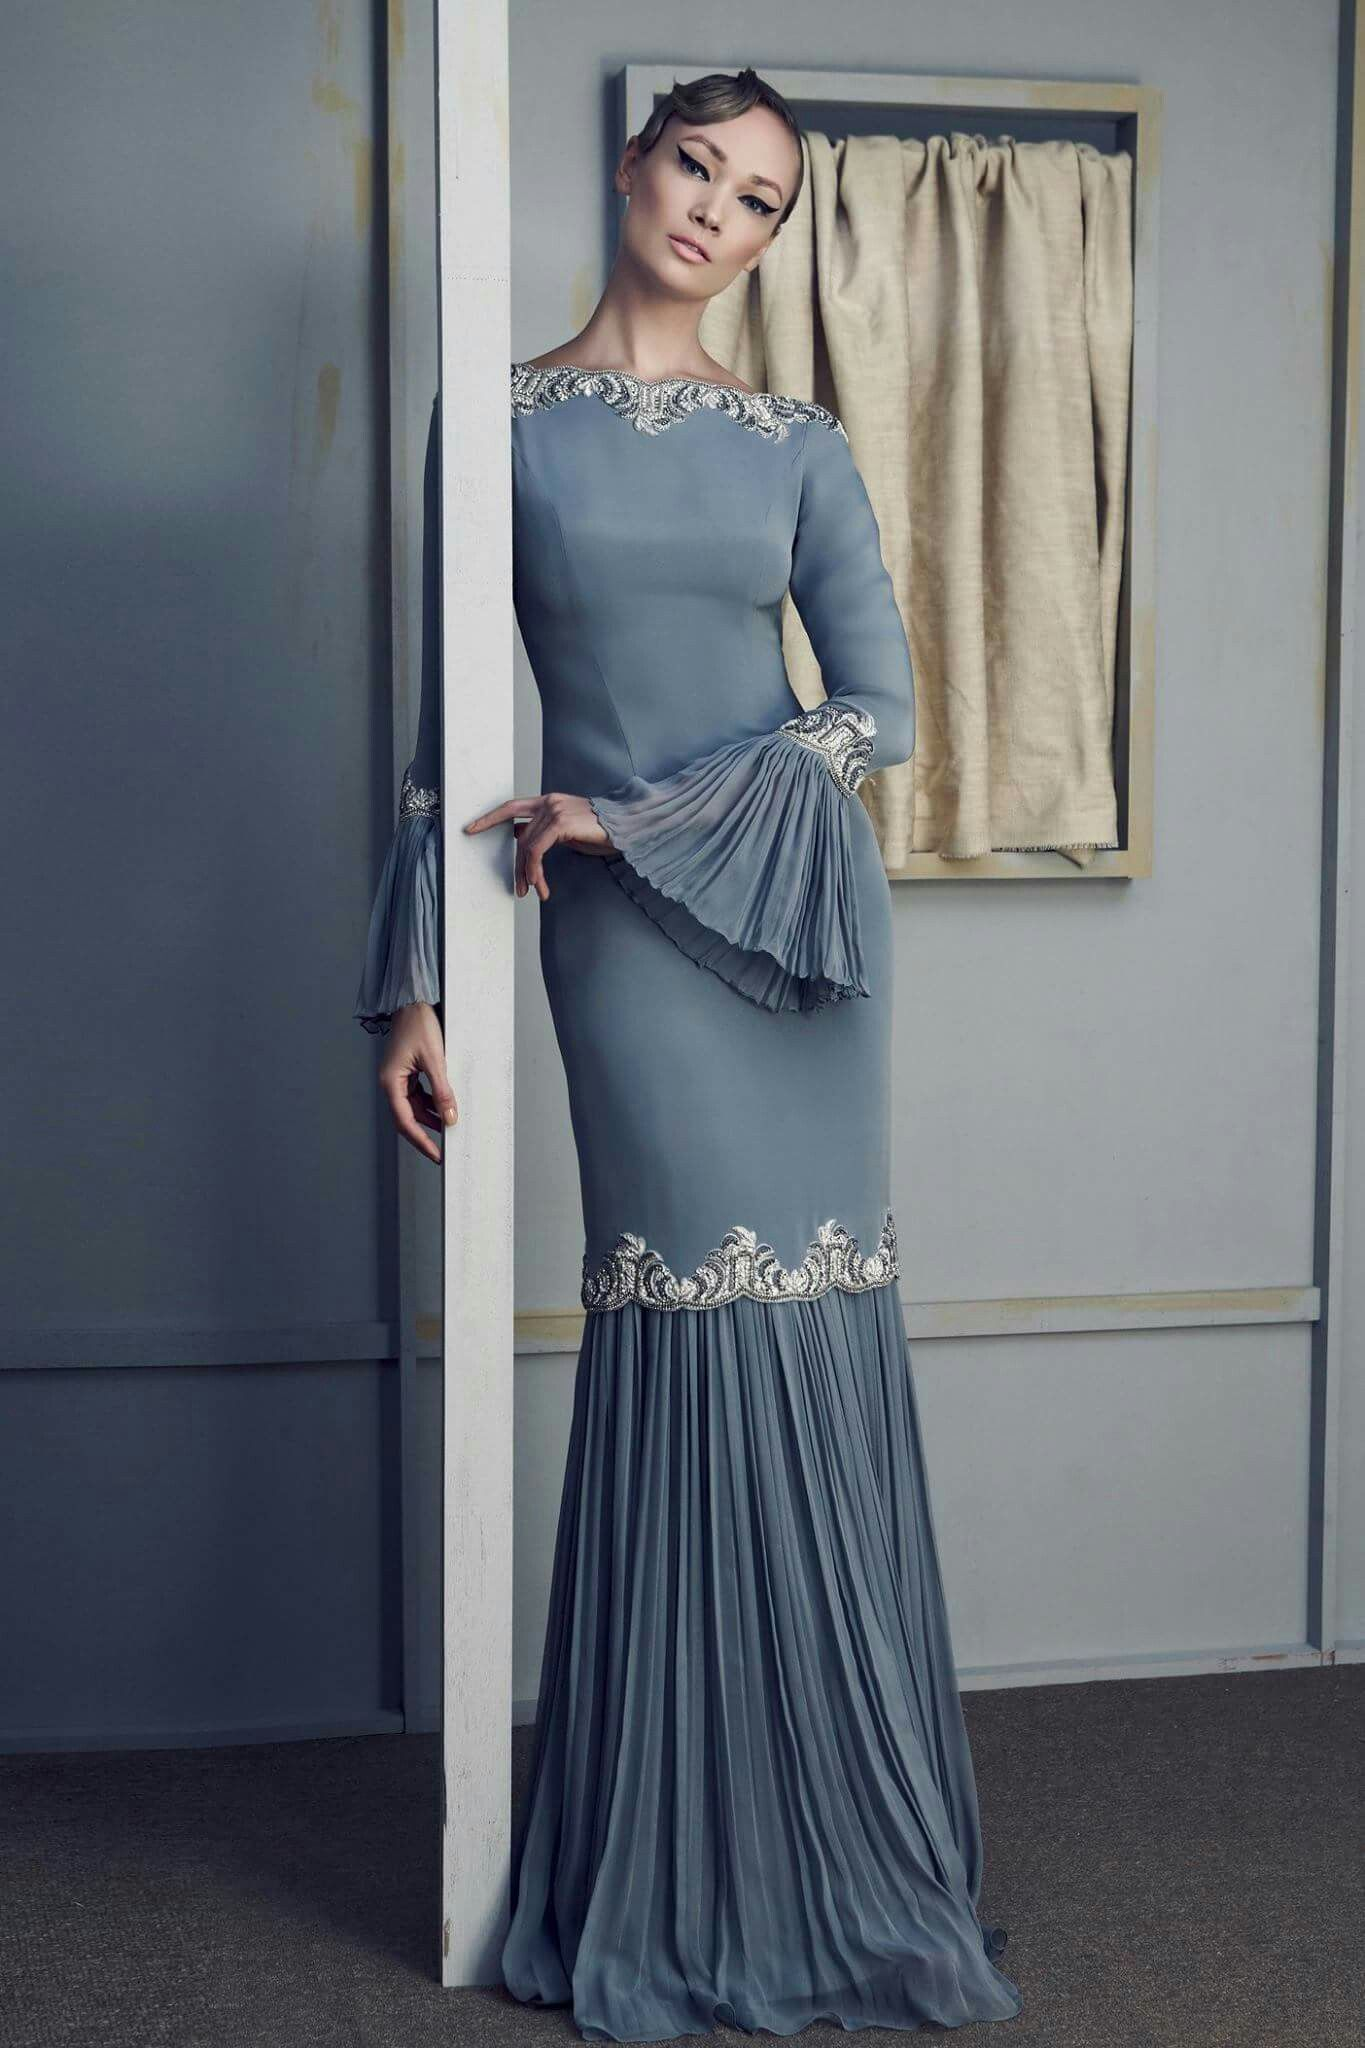 Pin by sinta dewi on fashion pinterest baju kurung kebaya and gowns